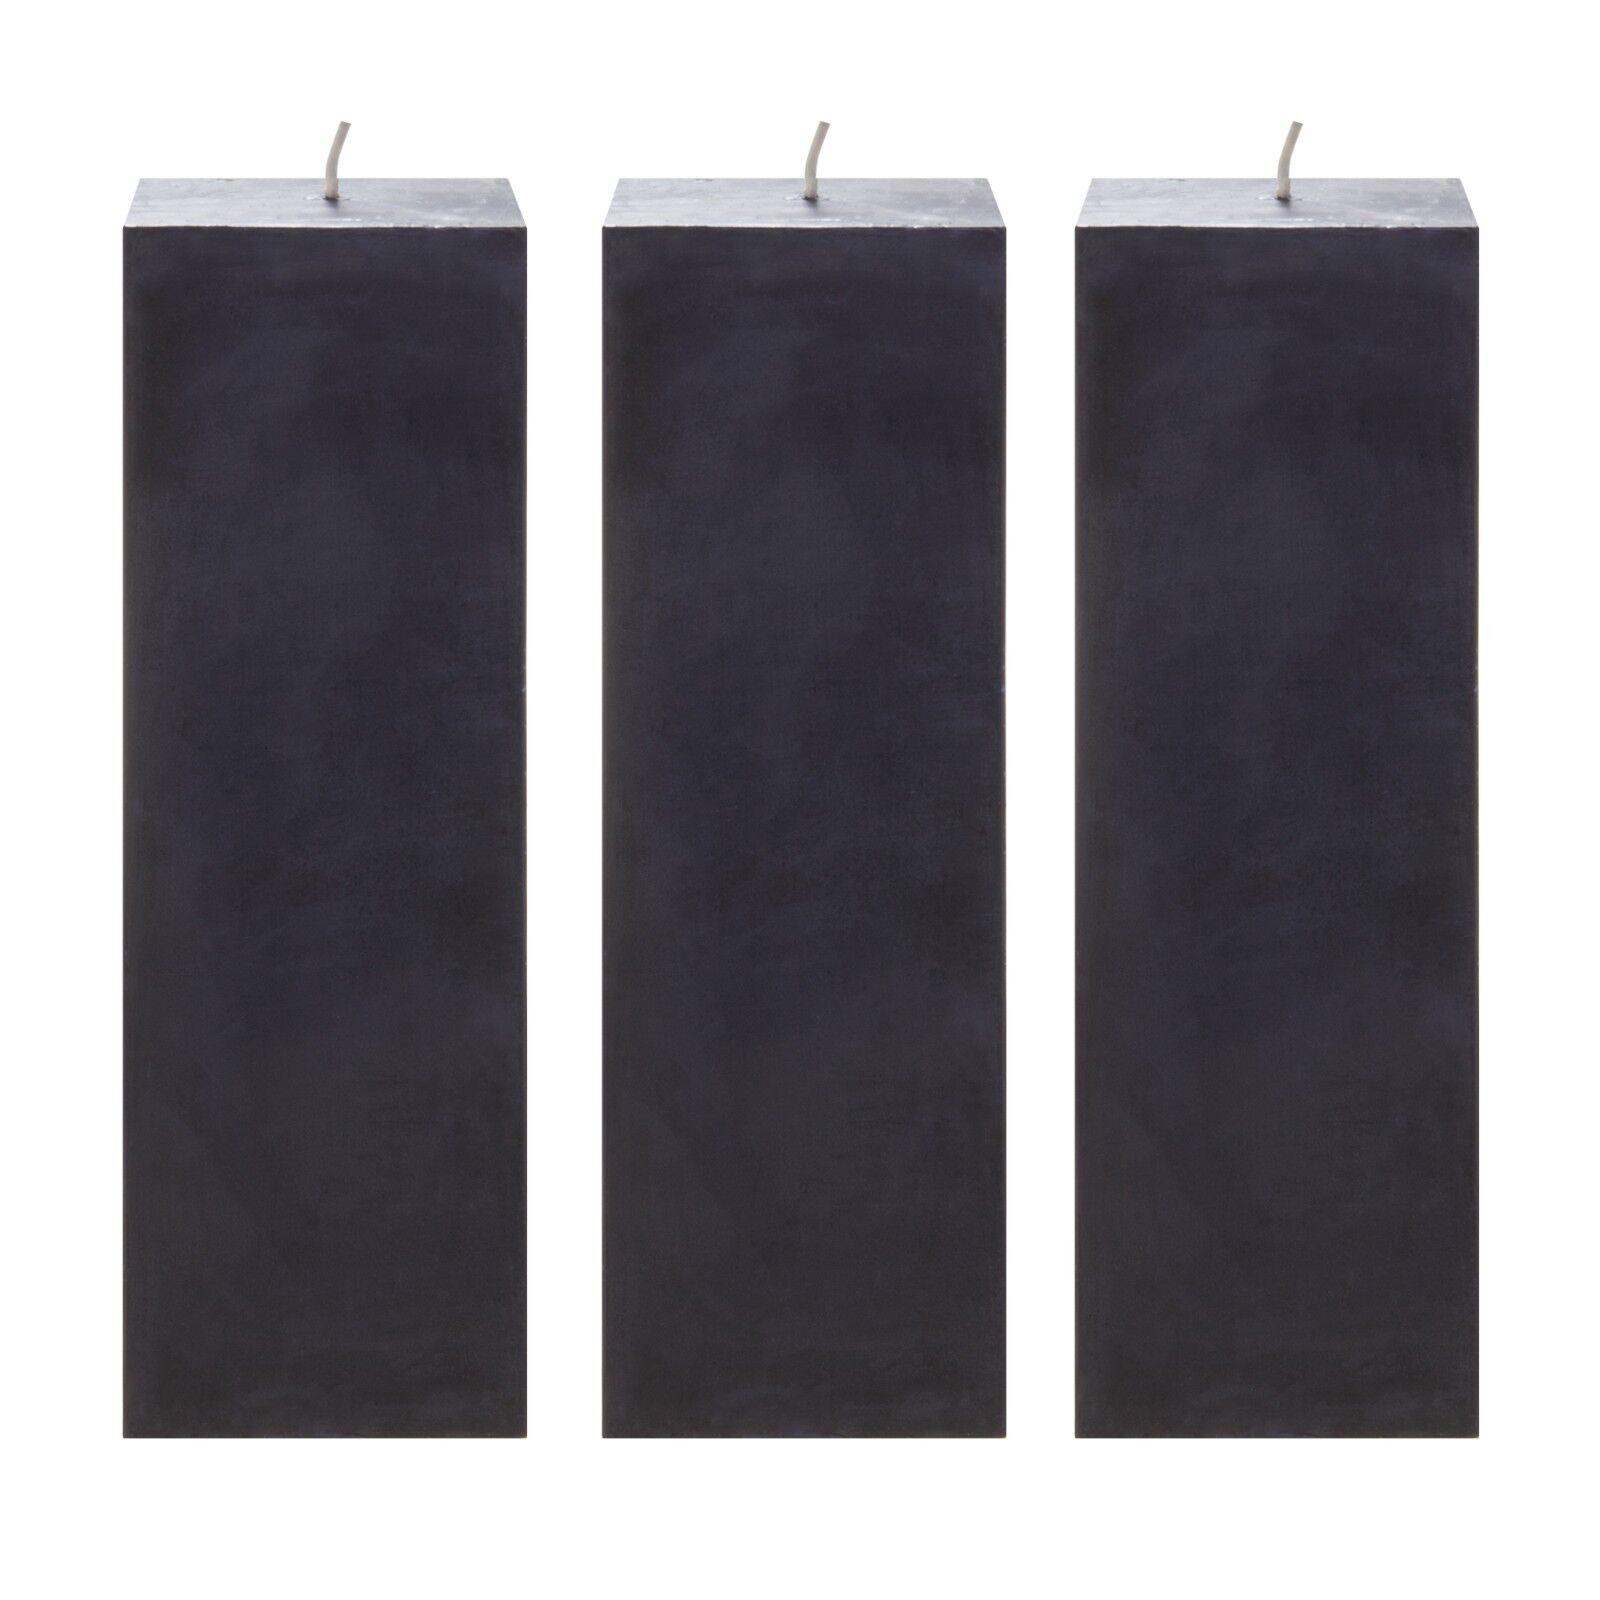 Mega Candles 3 pcs Unscented Black Square Pillar Candle | Ha